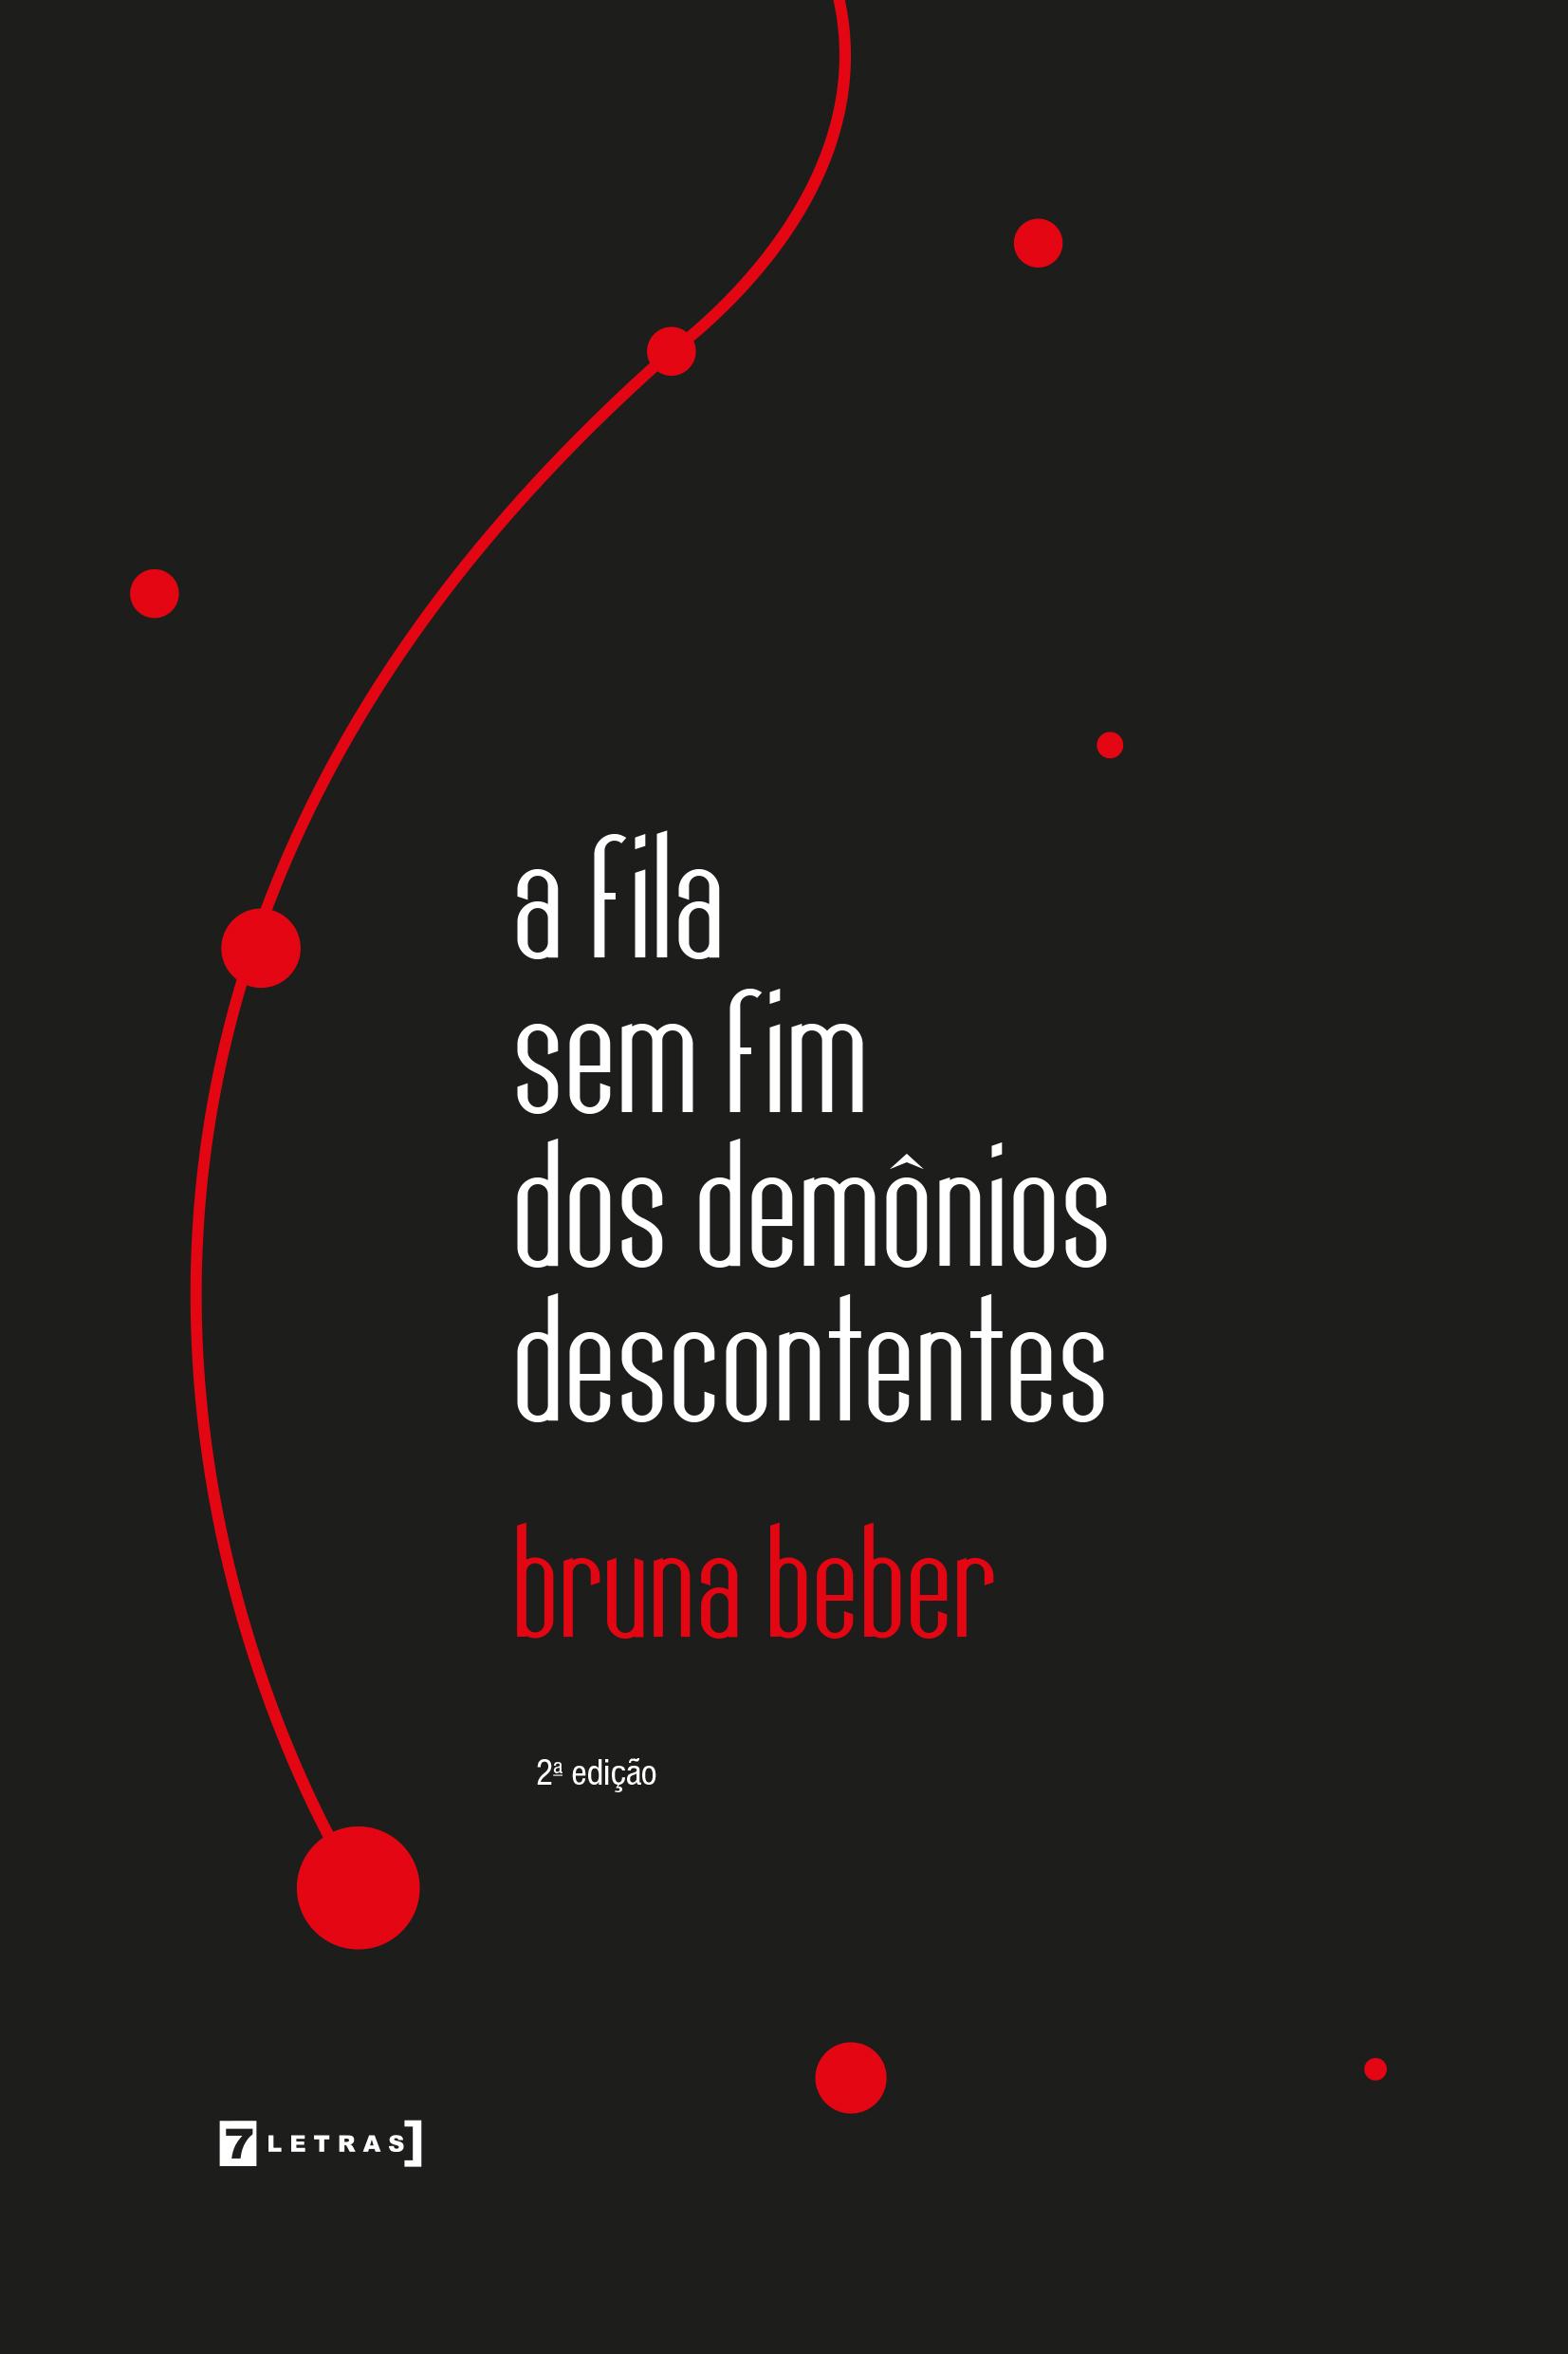 Capa do livro A fila sem fim dos demônios descontentes